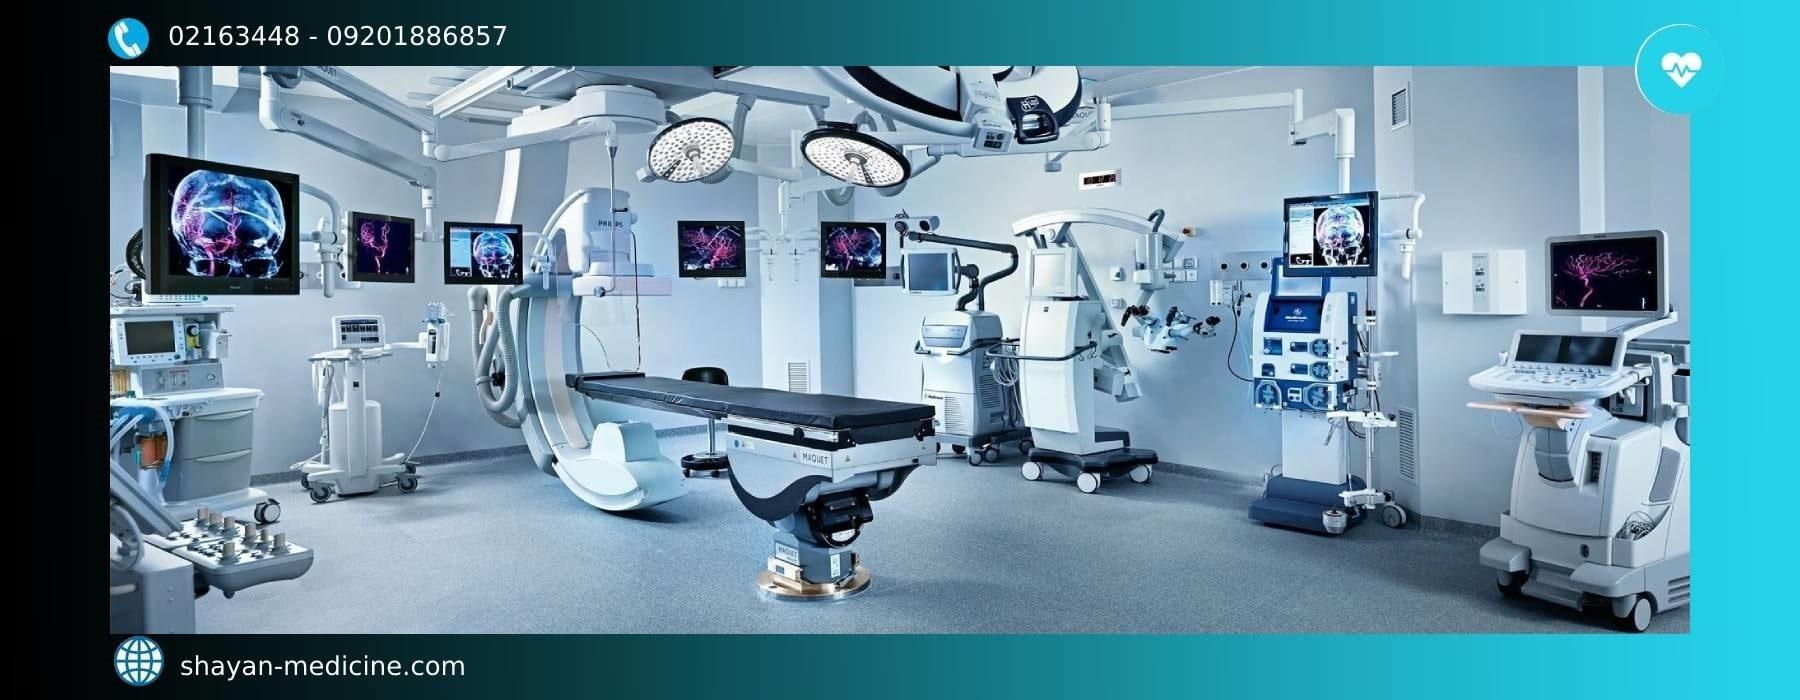 فروش تجهیزات پزشکی